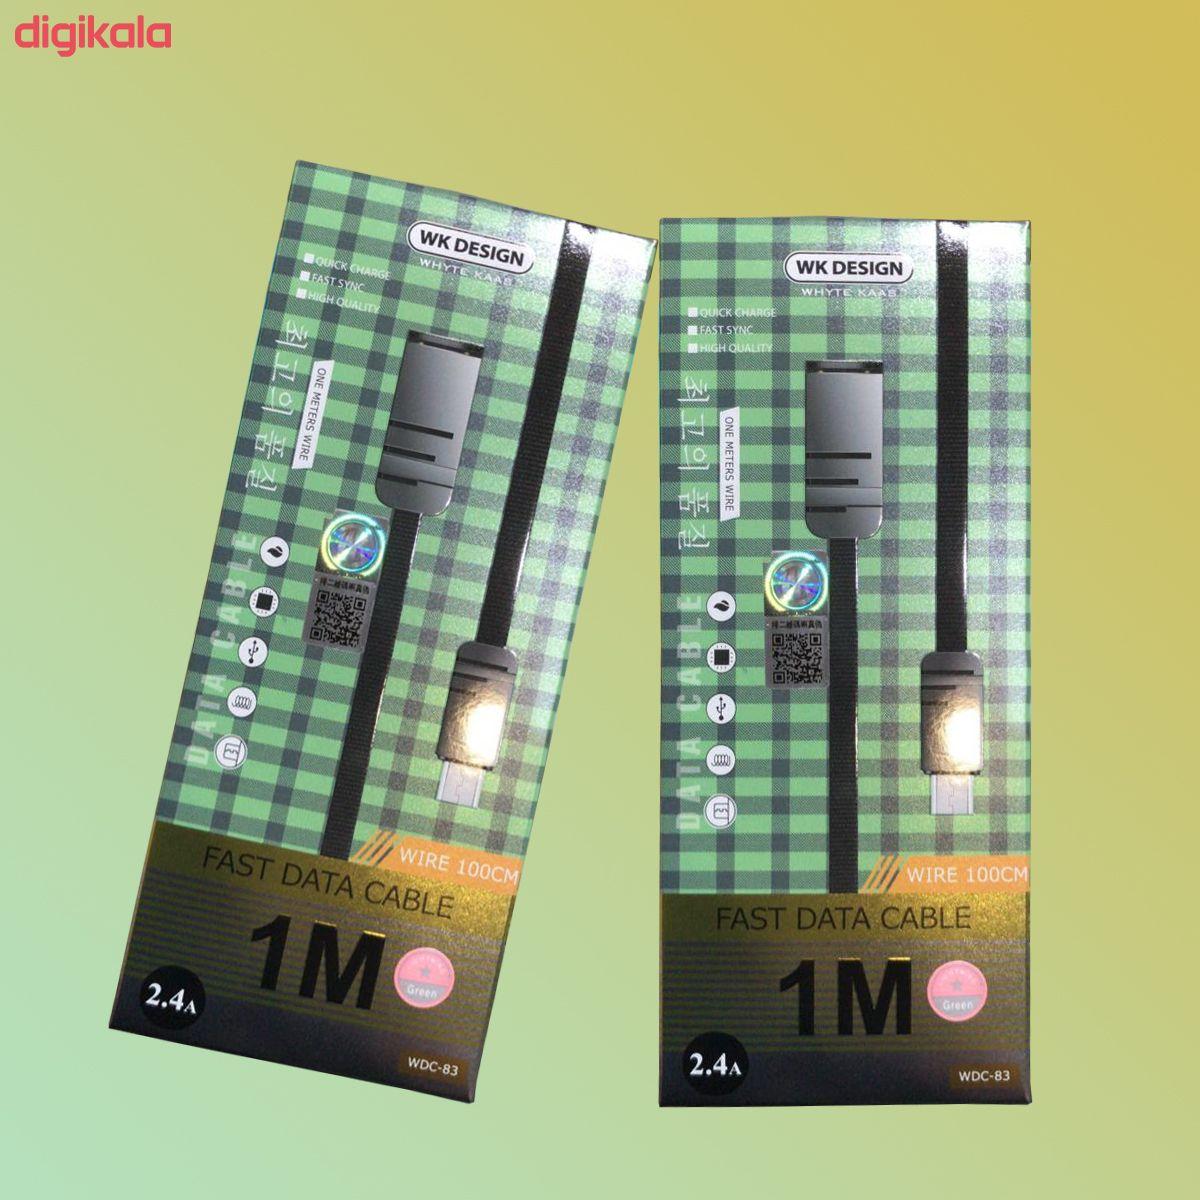 کابل تبدیل USB به USB-C دبلیو کی مدل WDC-83 طول 1 متر  main 1 2